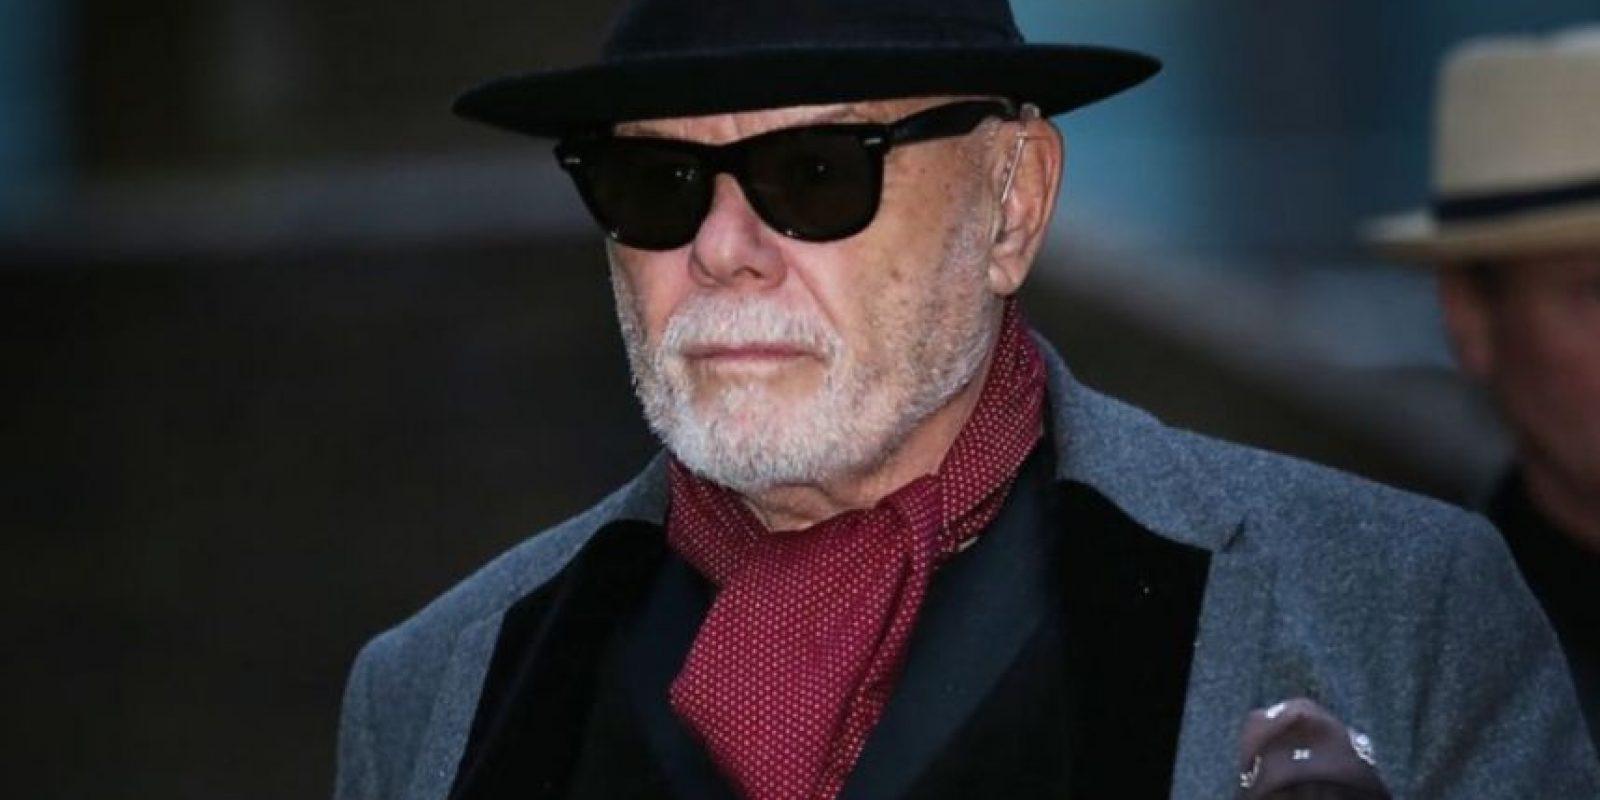 El artista fue encontrado culpable de abusar de tres jóvenes entre 1975 y 1980 Foto:Getty Images. Imagen Por: